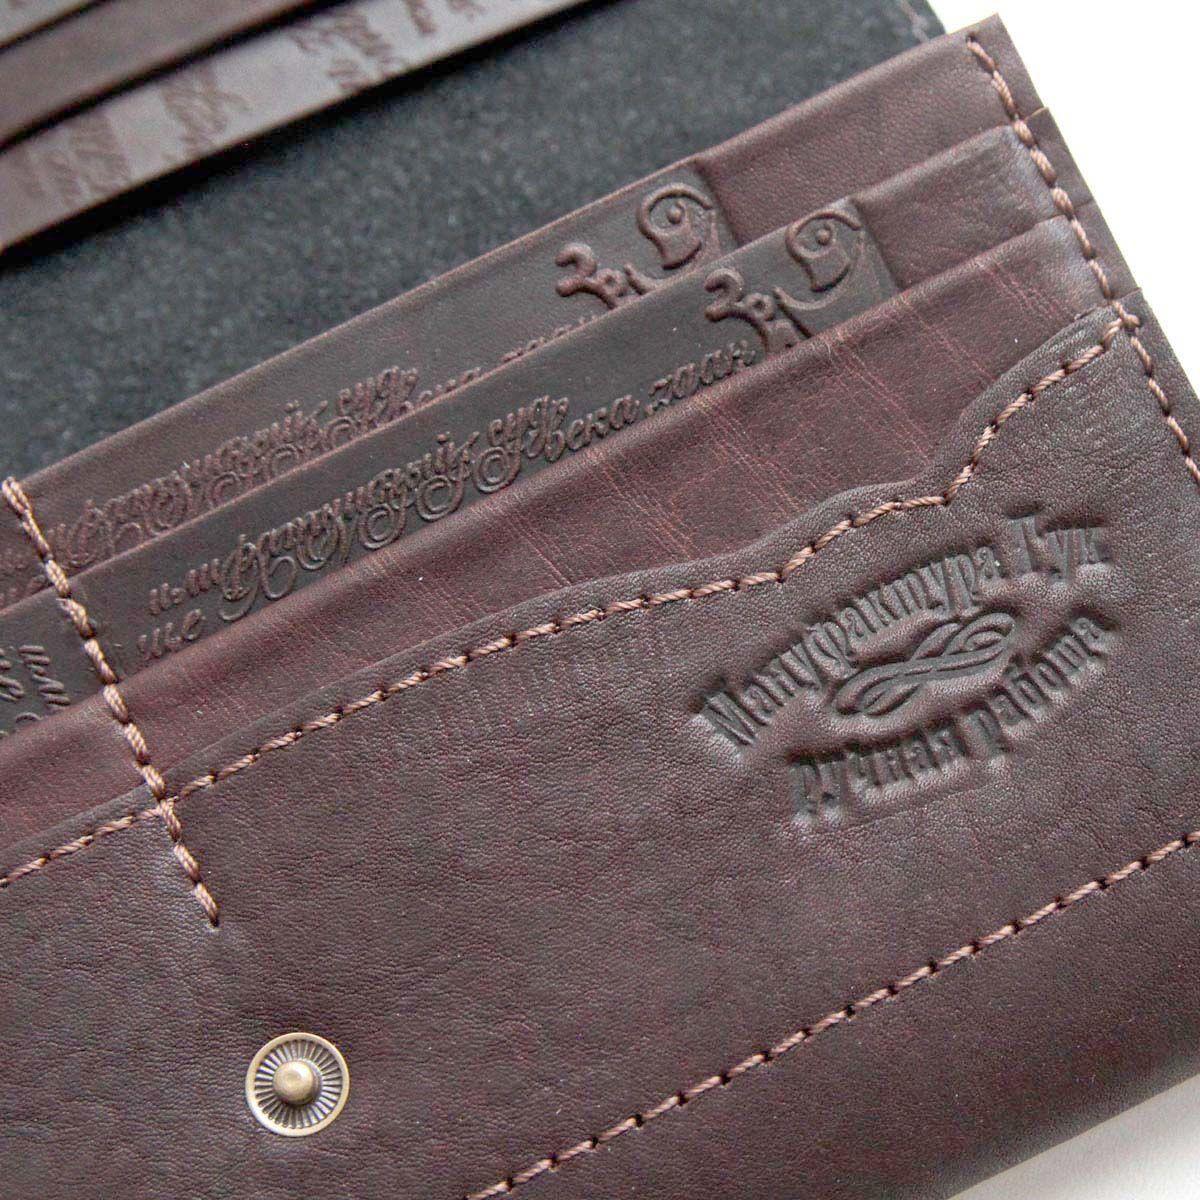 ee9df4616ac8 Купить Портмоне (кошелёк · Кошельки и визитницы ручной работы. Портмоне  (кошелёк) из натуральной кожи 4102 женское.